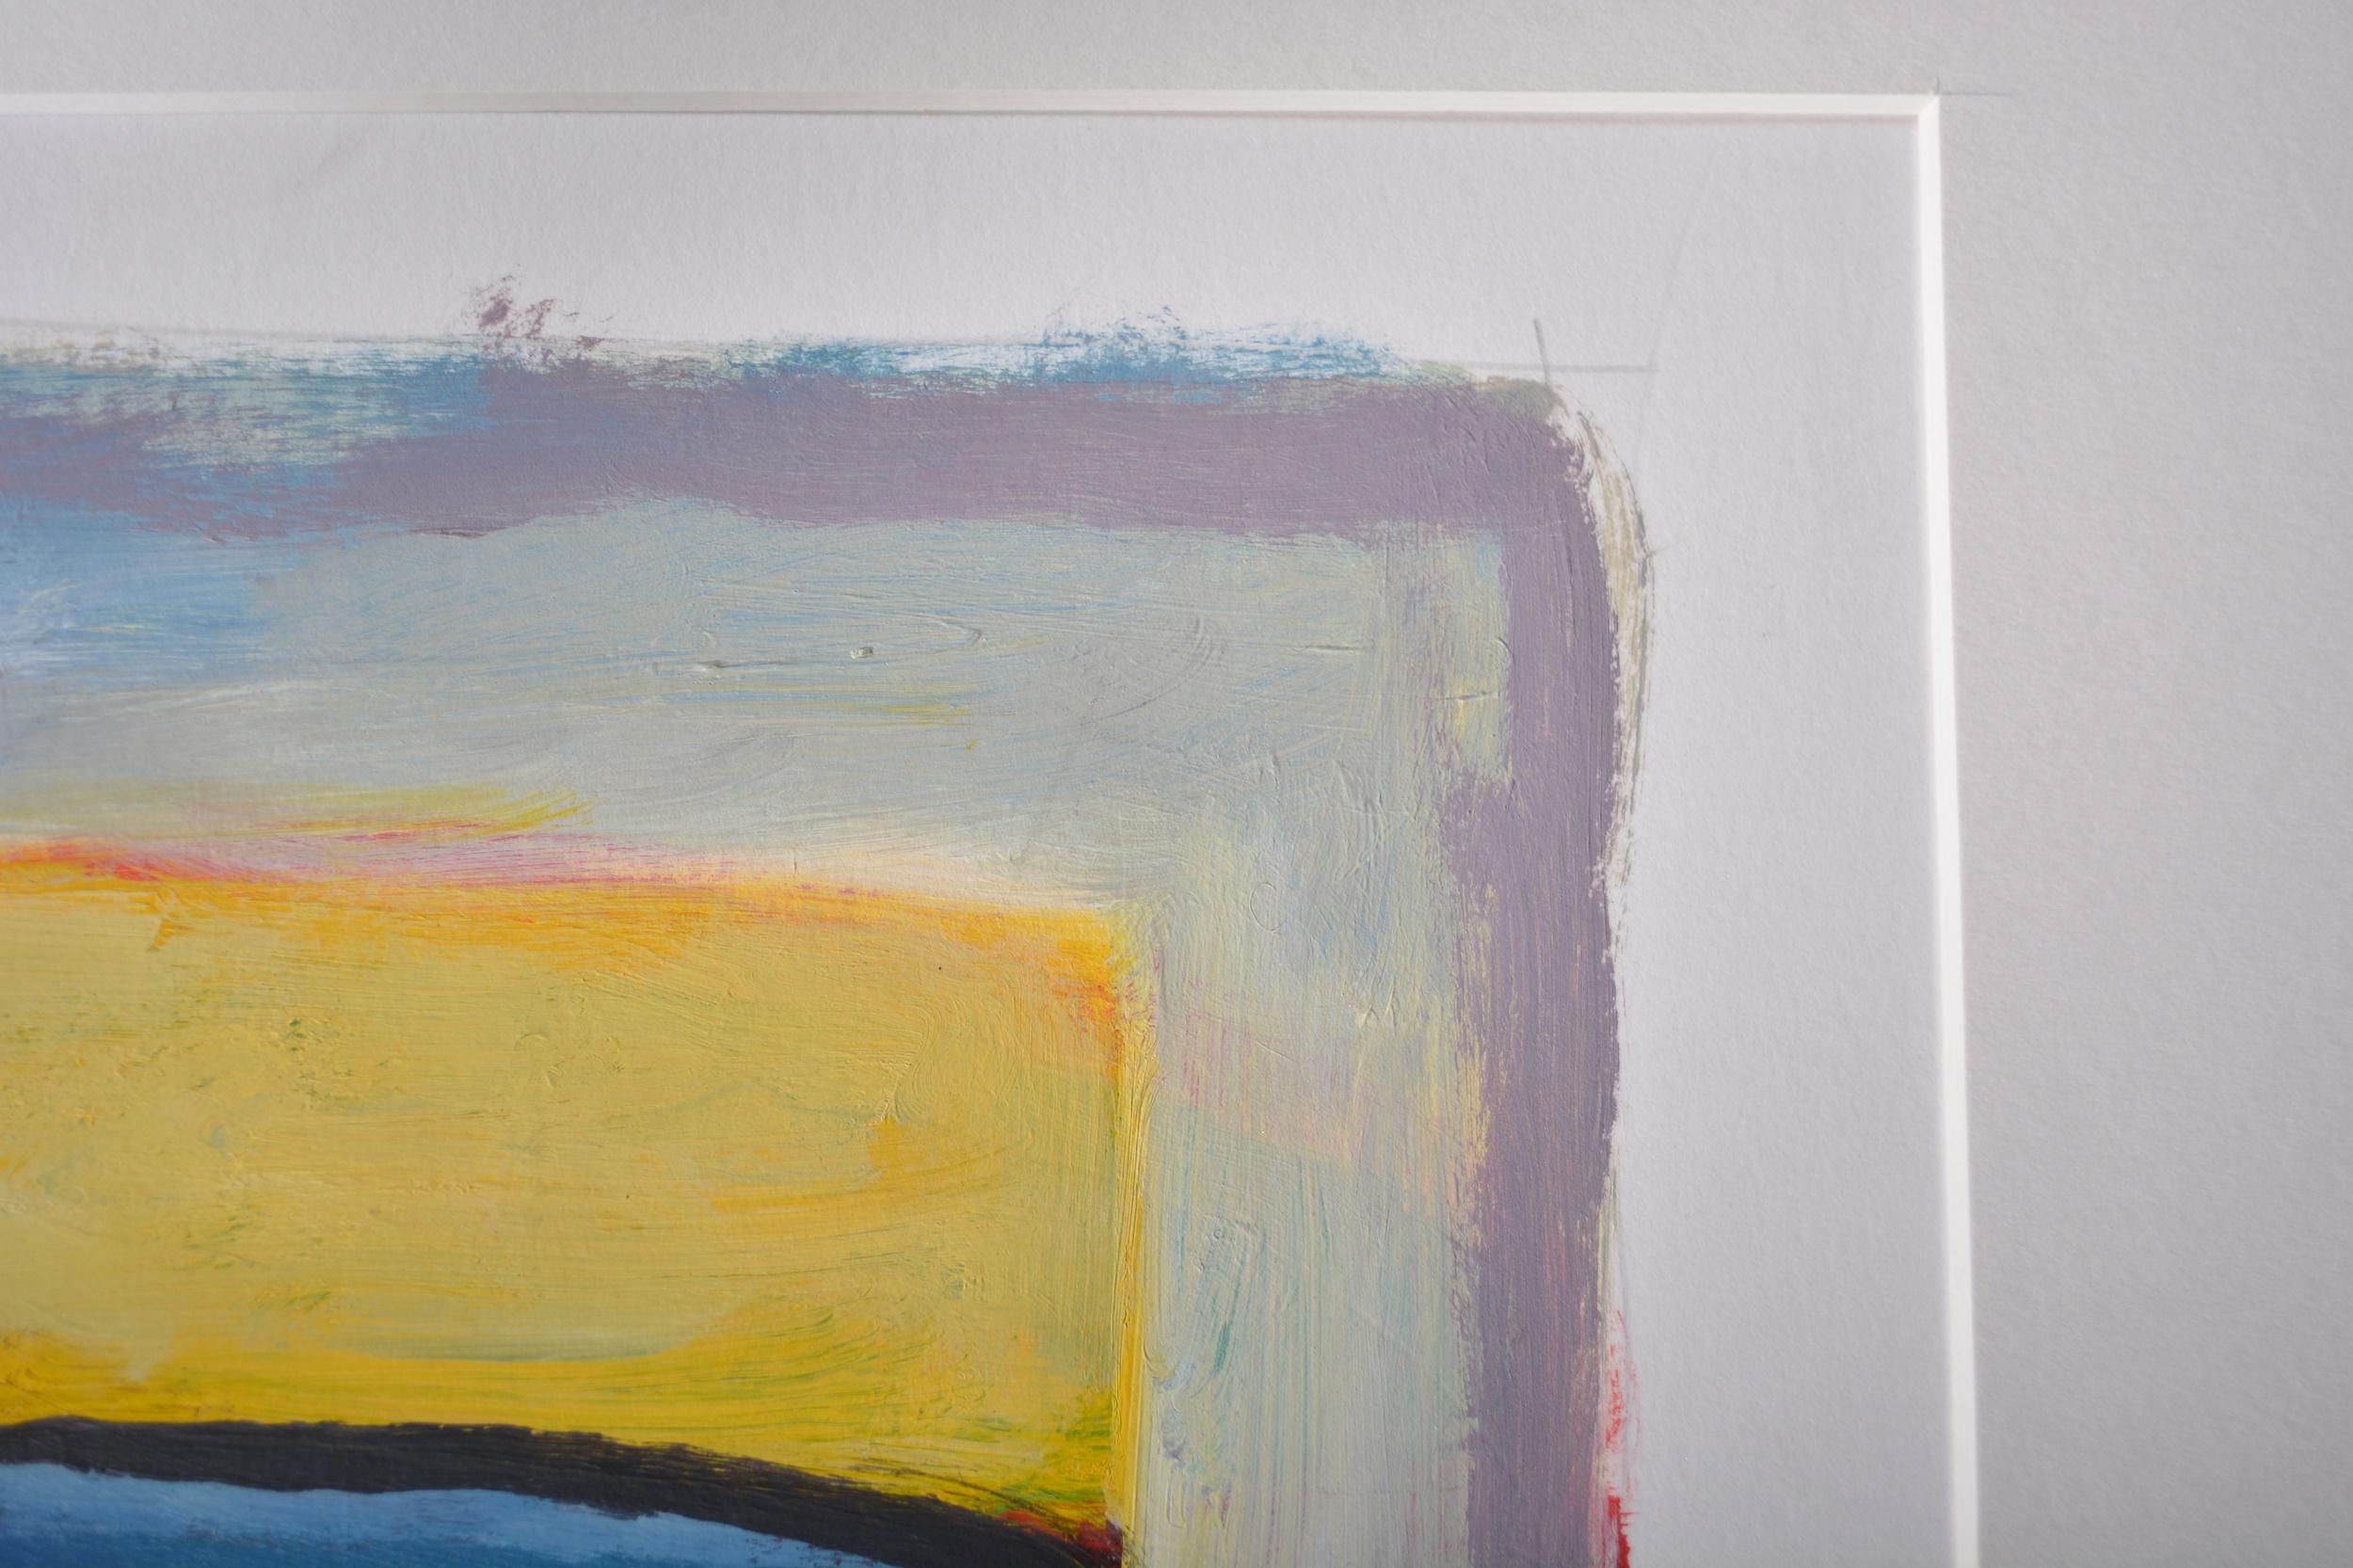 Philip Vencken - Still Life III - Image 3 of 5